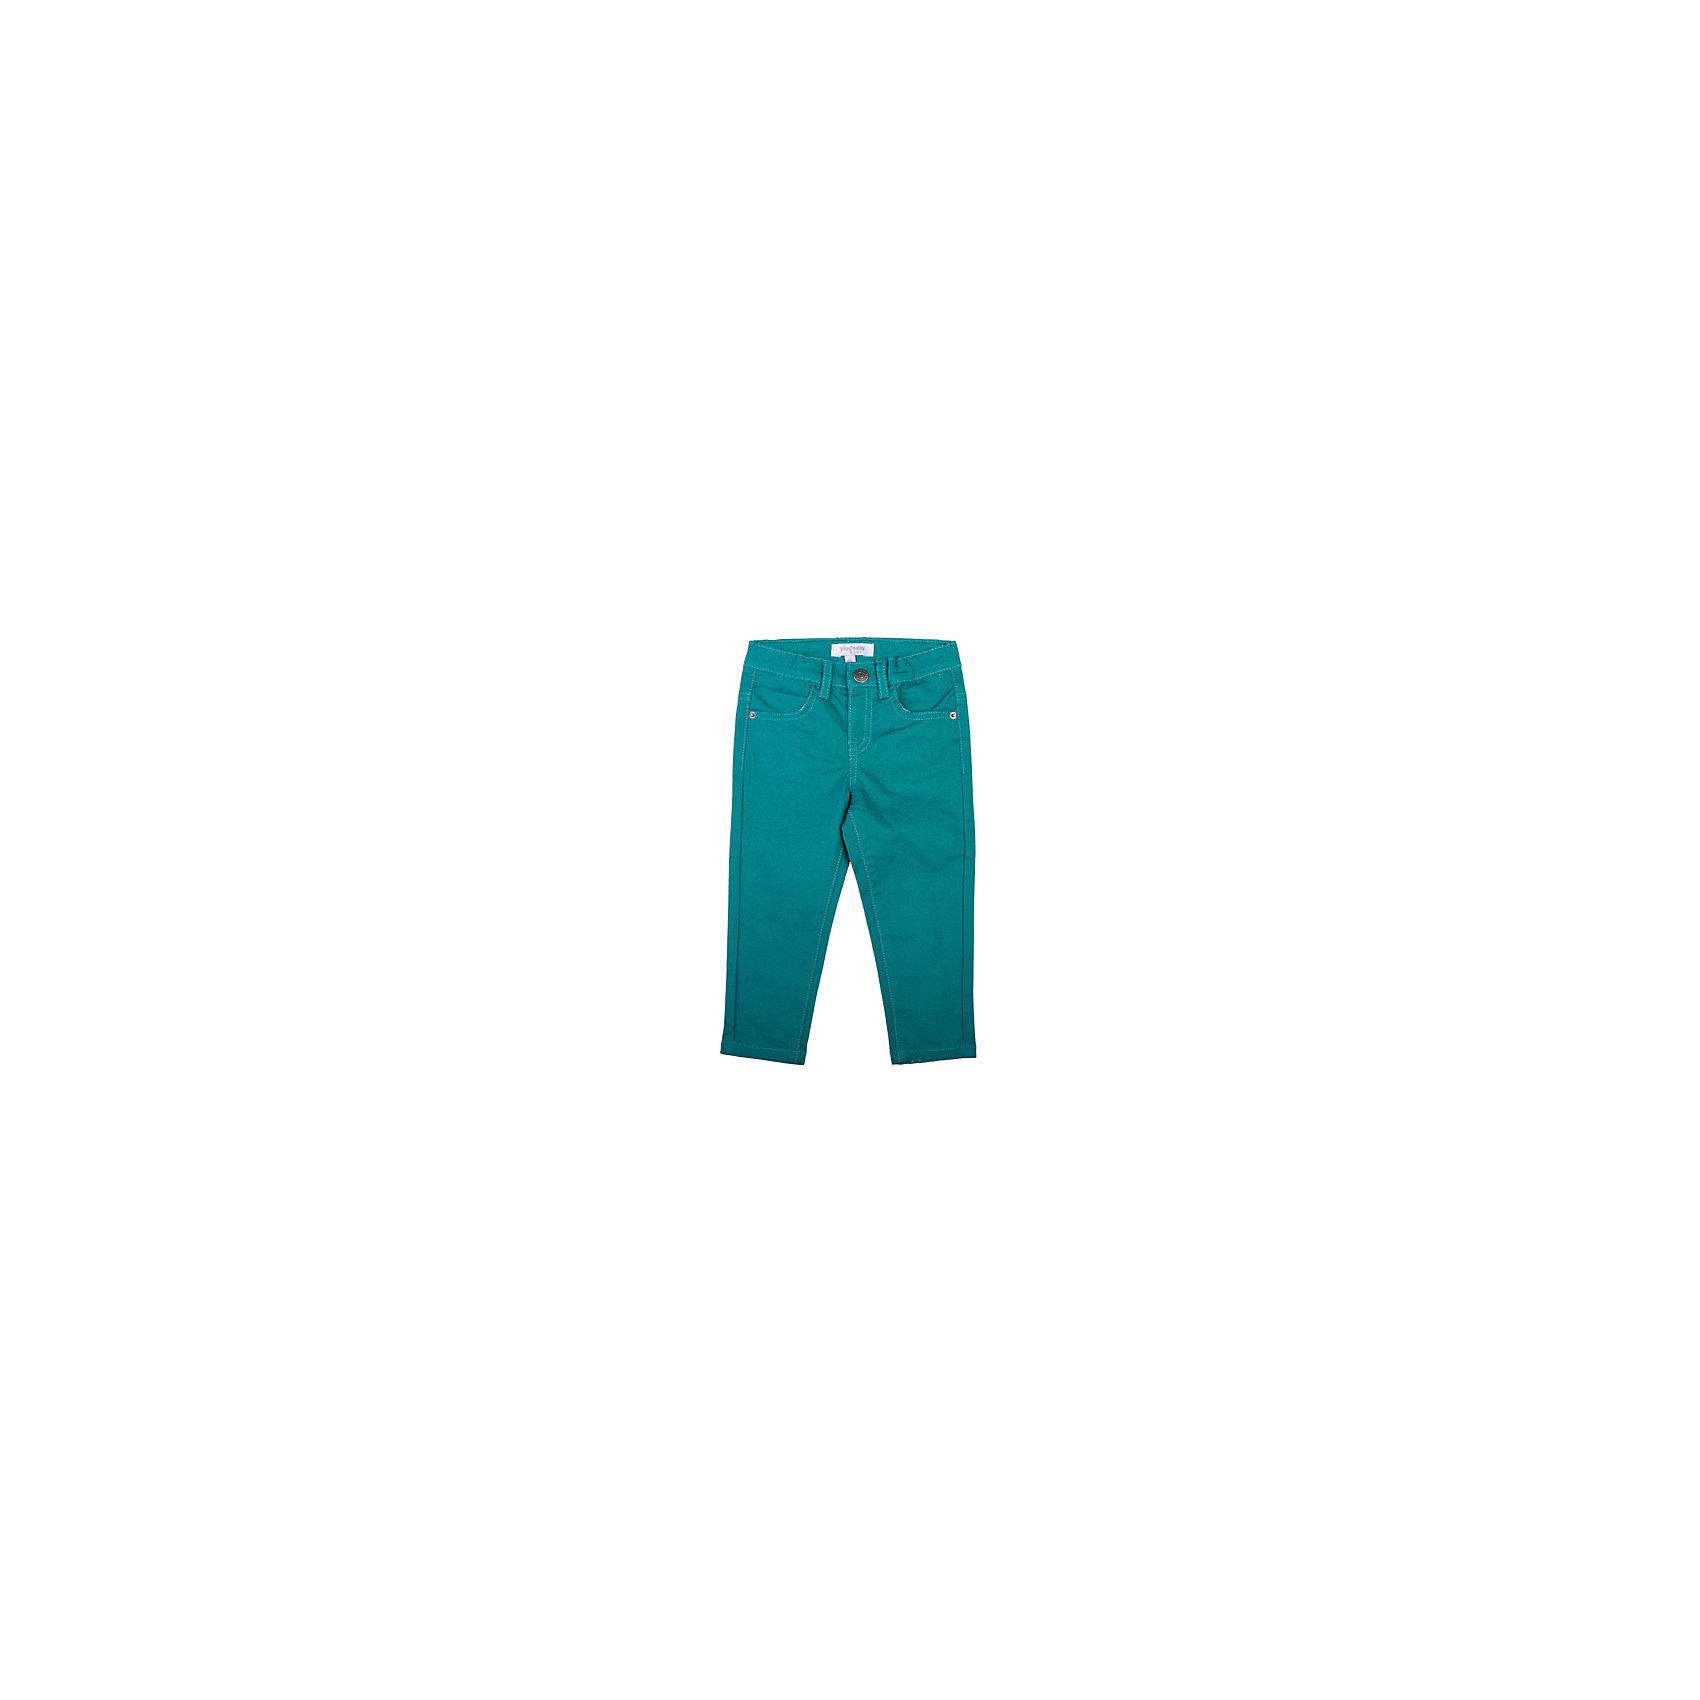 Брюки для мальчика PlayTodayДжинсы и брючки<br>Брюки для мальчика от известного бренда PlayToday.<br>Стильные брюки зауженного кроя. Оригинальный оттенок - темная бирюза. Застегиваются на кнопку. Есть шлевки для ремня и 4 функциональных кармана.<br>Состав:<br>98% хлопок, 2% эластан<br><br>Ширина мм: 157<br>Глубина мм: 13<br>Высота мм: 119<br>Вес г: 200<br>Цвет: зеленый<br>Возраст от месяцев: 18<br>Возраст до месяцев: 24<br>Пол: Мужской<br>Возраст: Детский<br>Размер: 92,80,74,86<br>SKU: 4900456